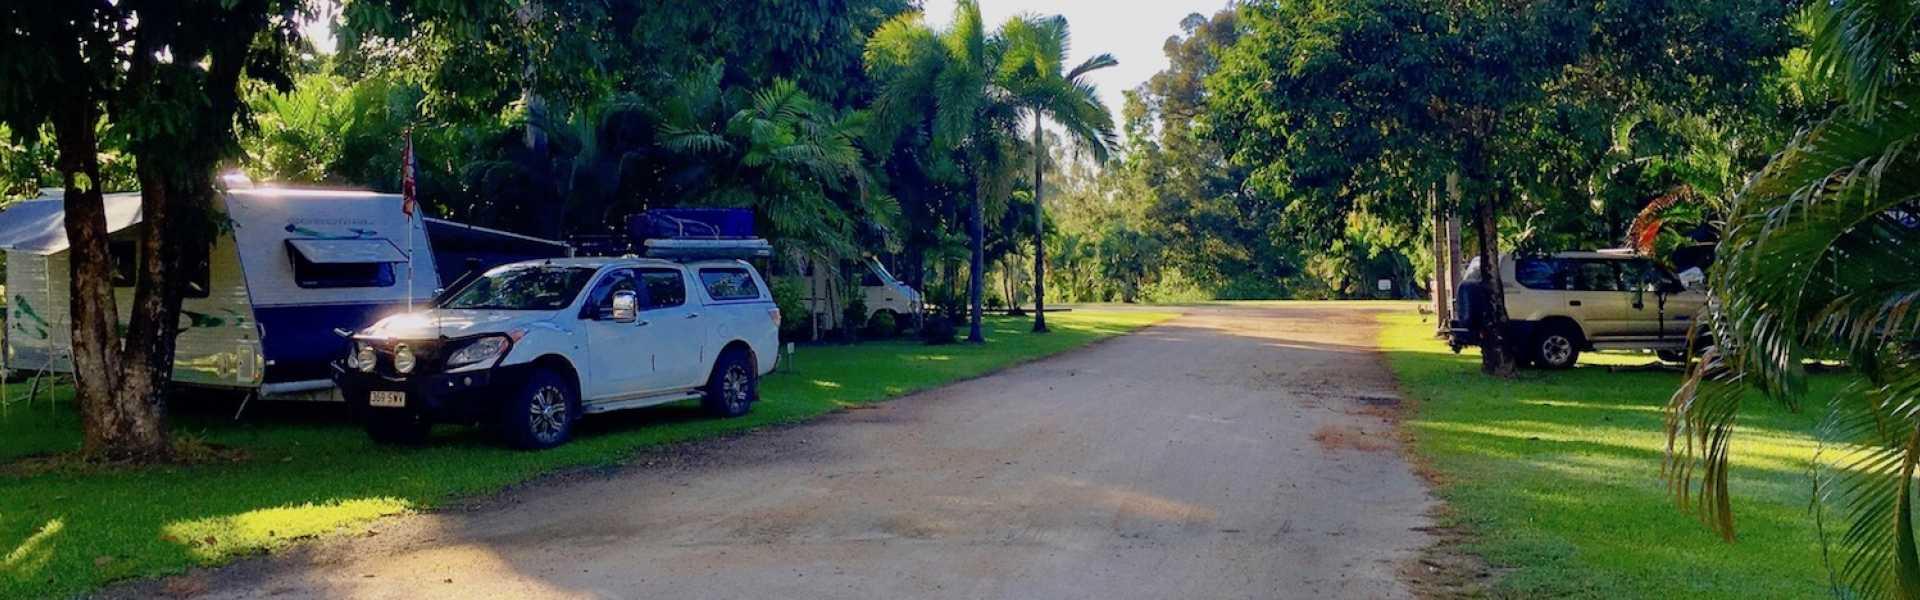 Crystal Creek Caravan Park   Kui Parks